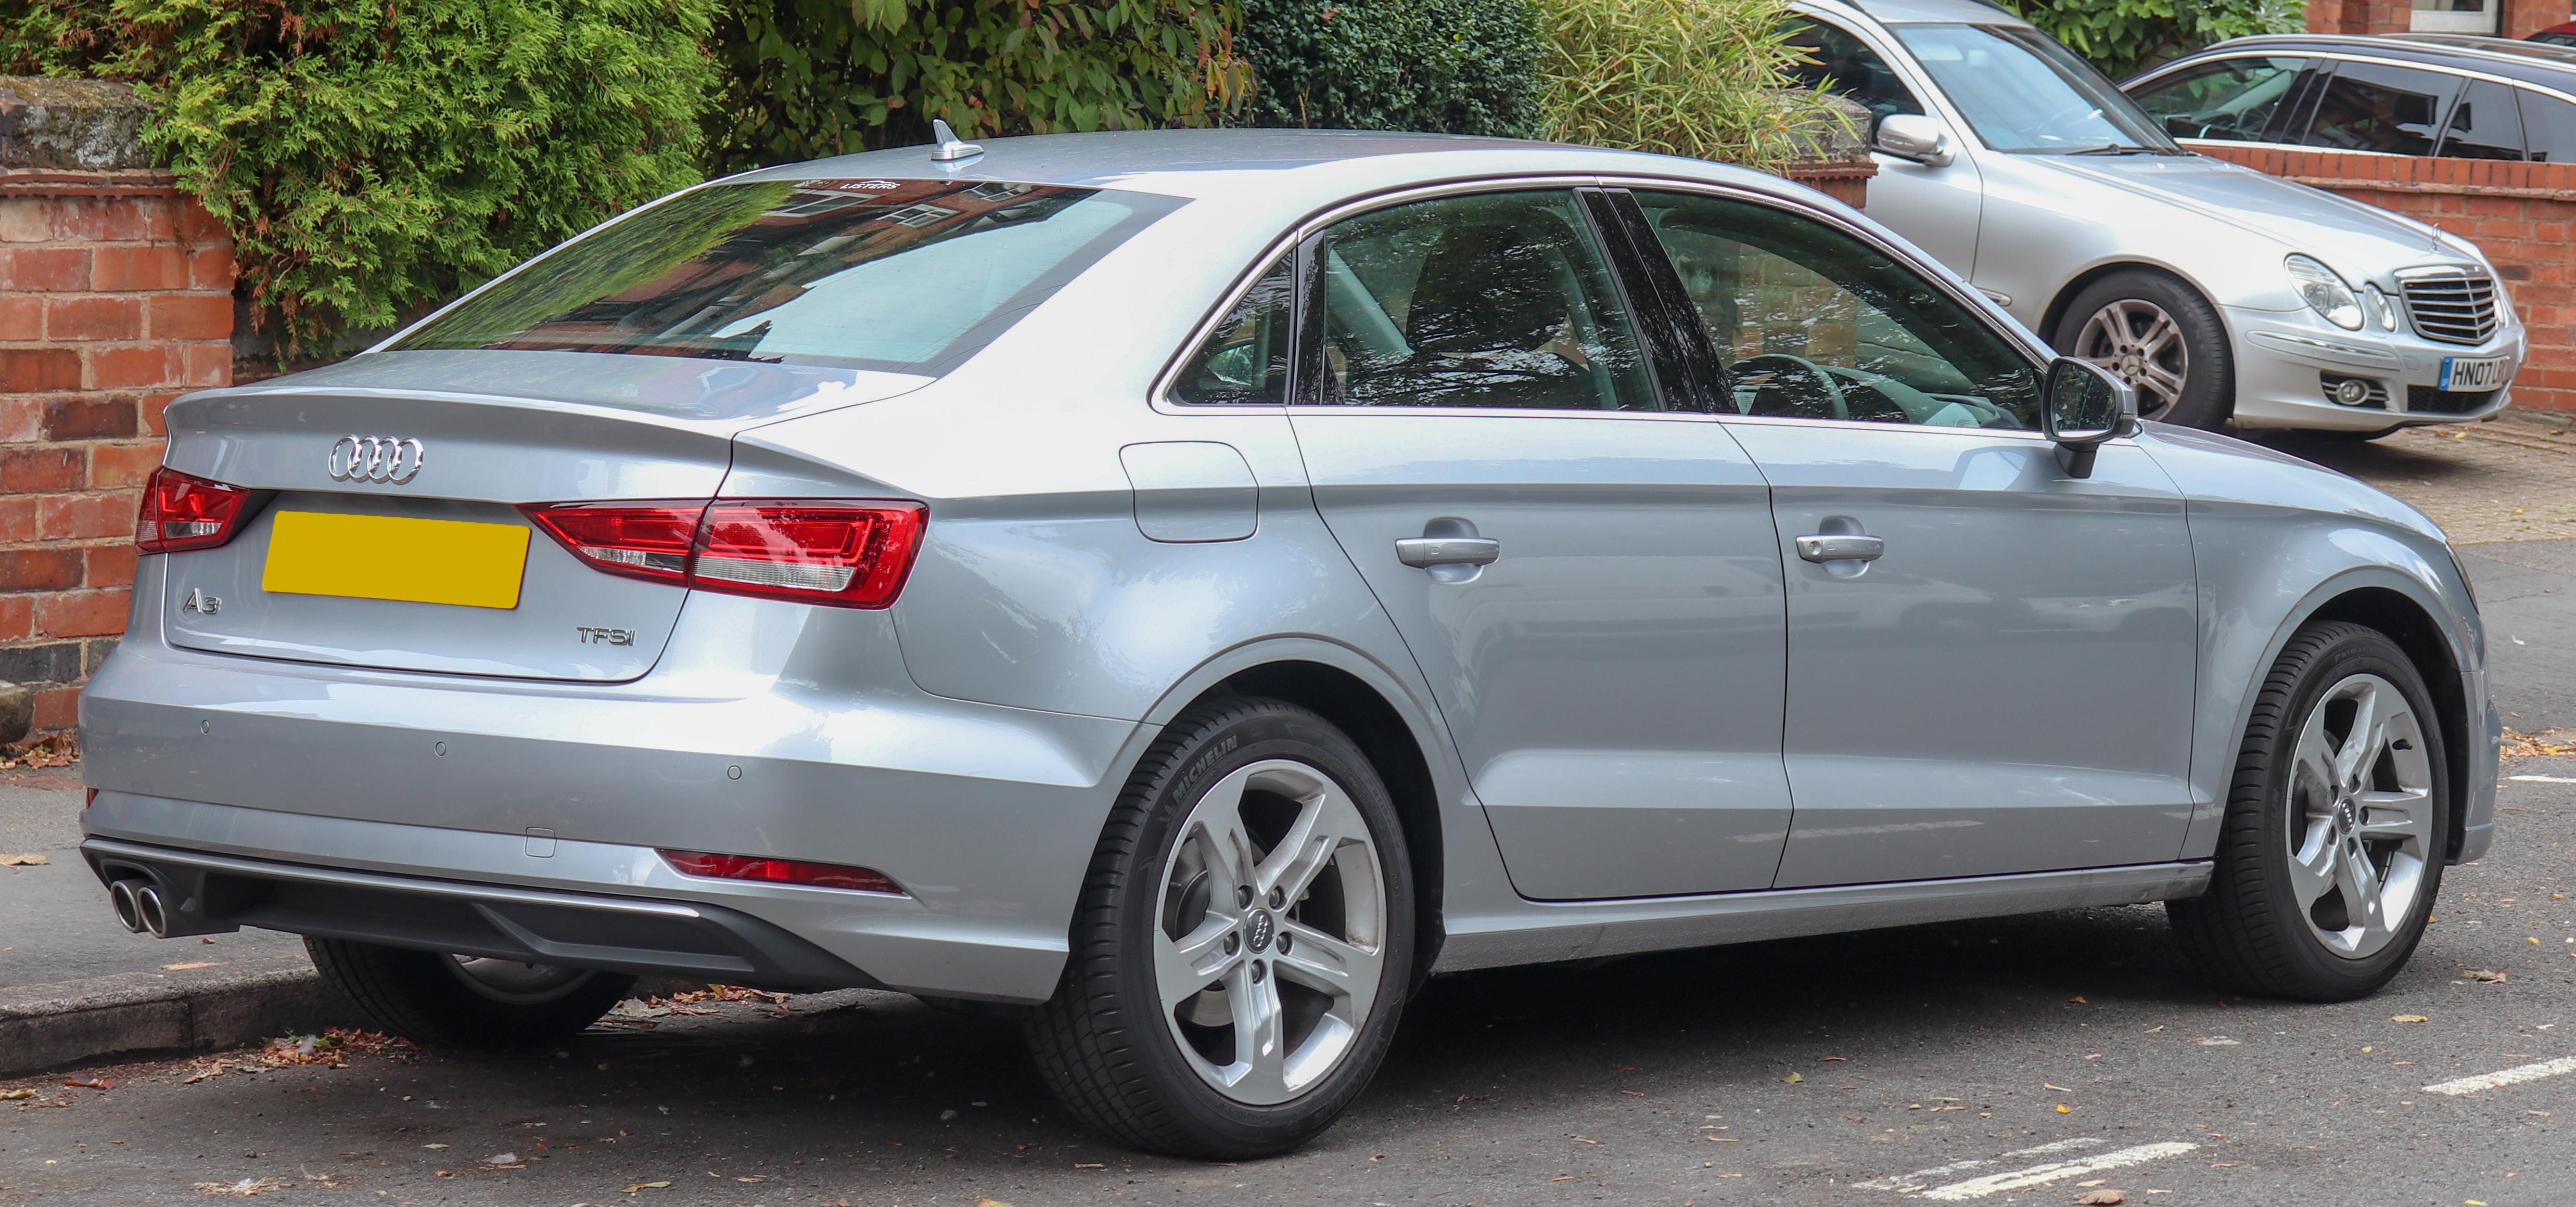 Kelebihan Kekurangan Audi A3 2018 Review